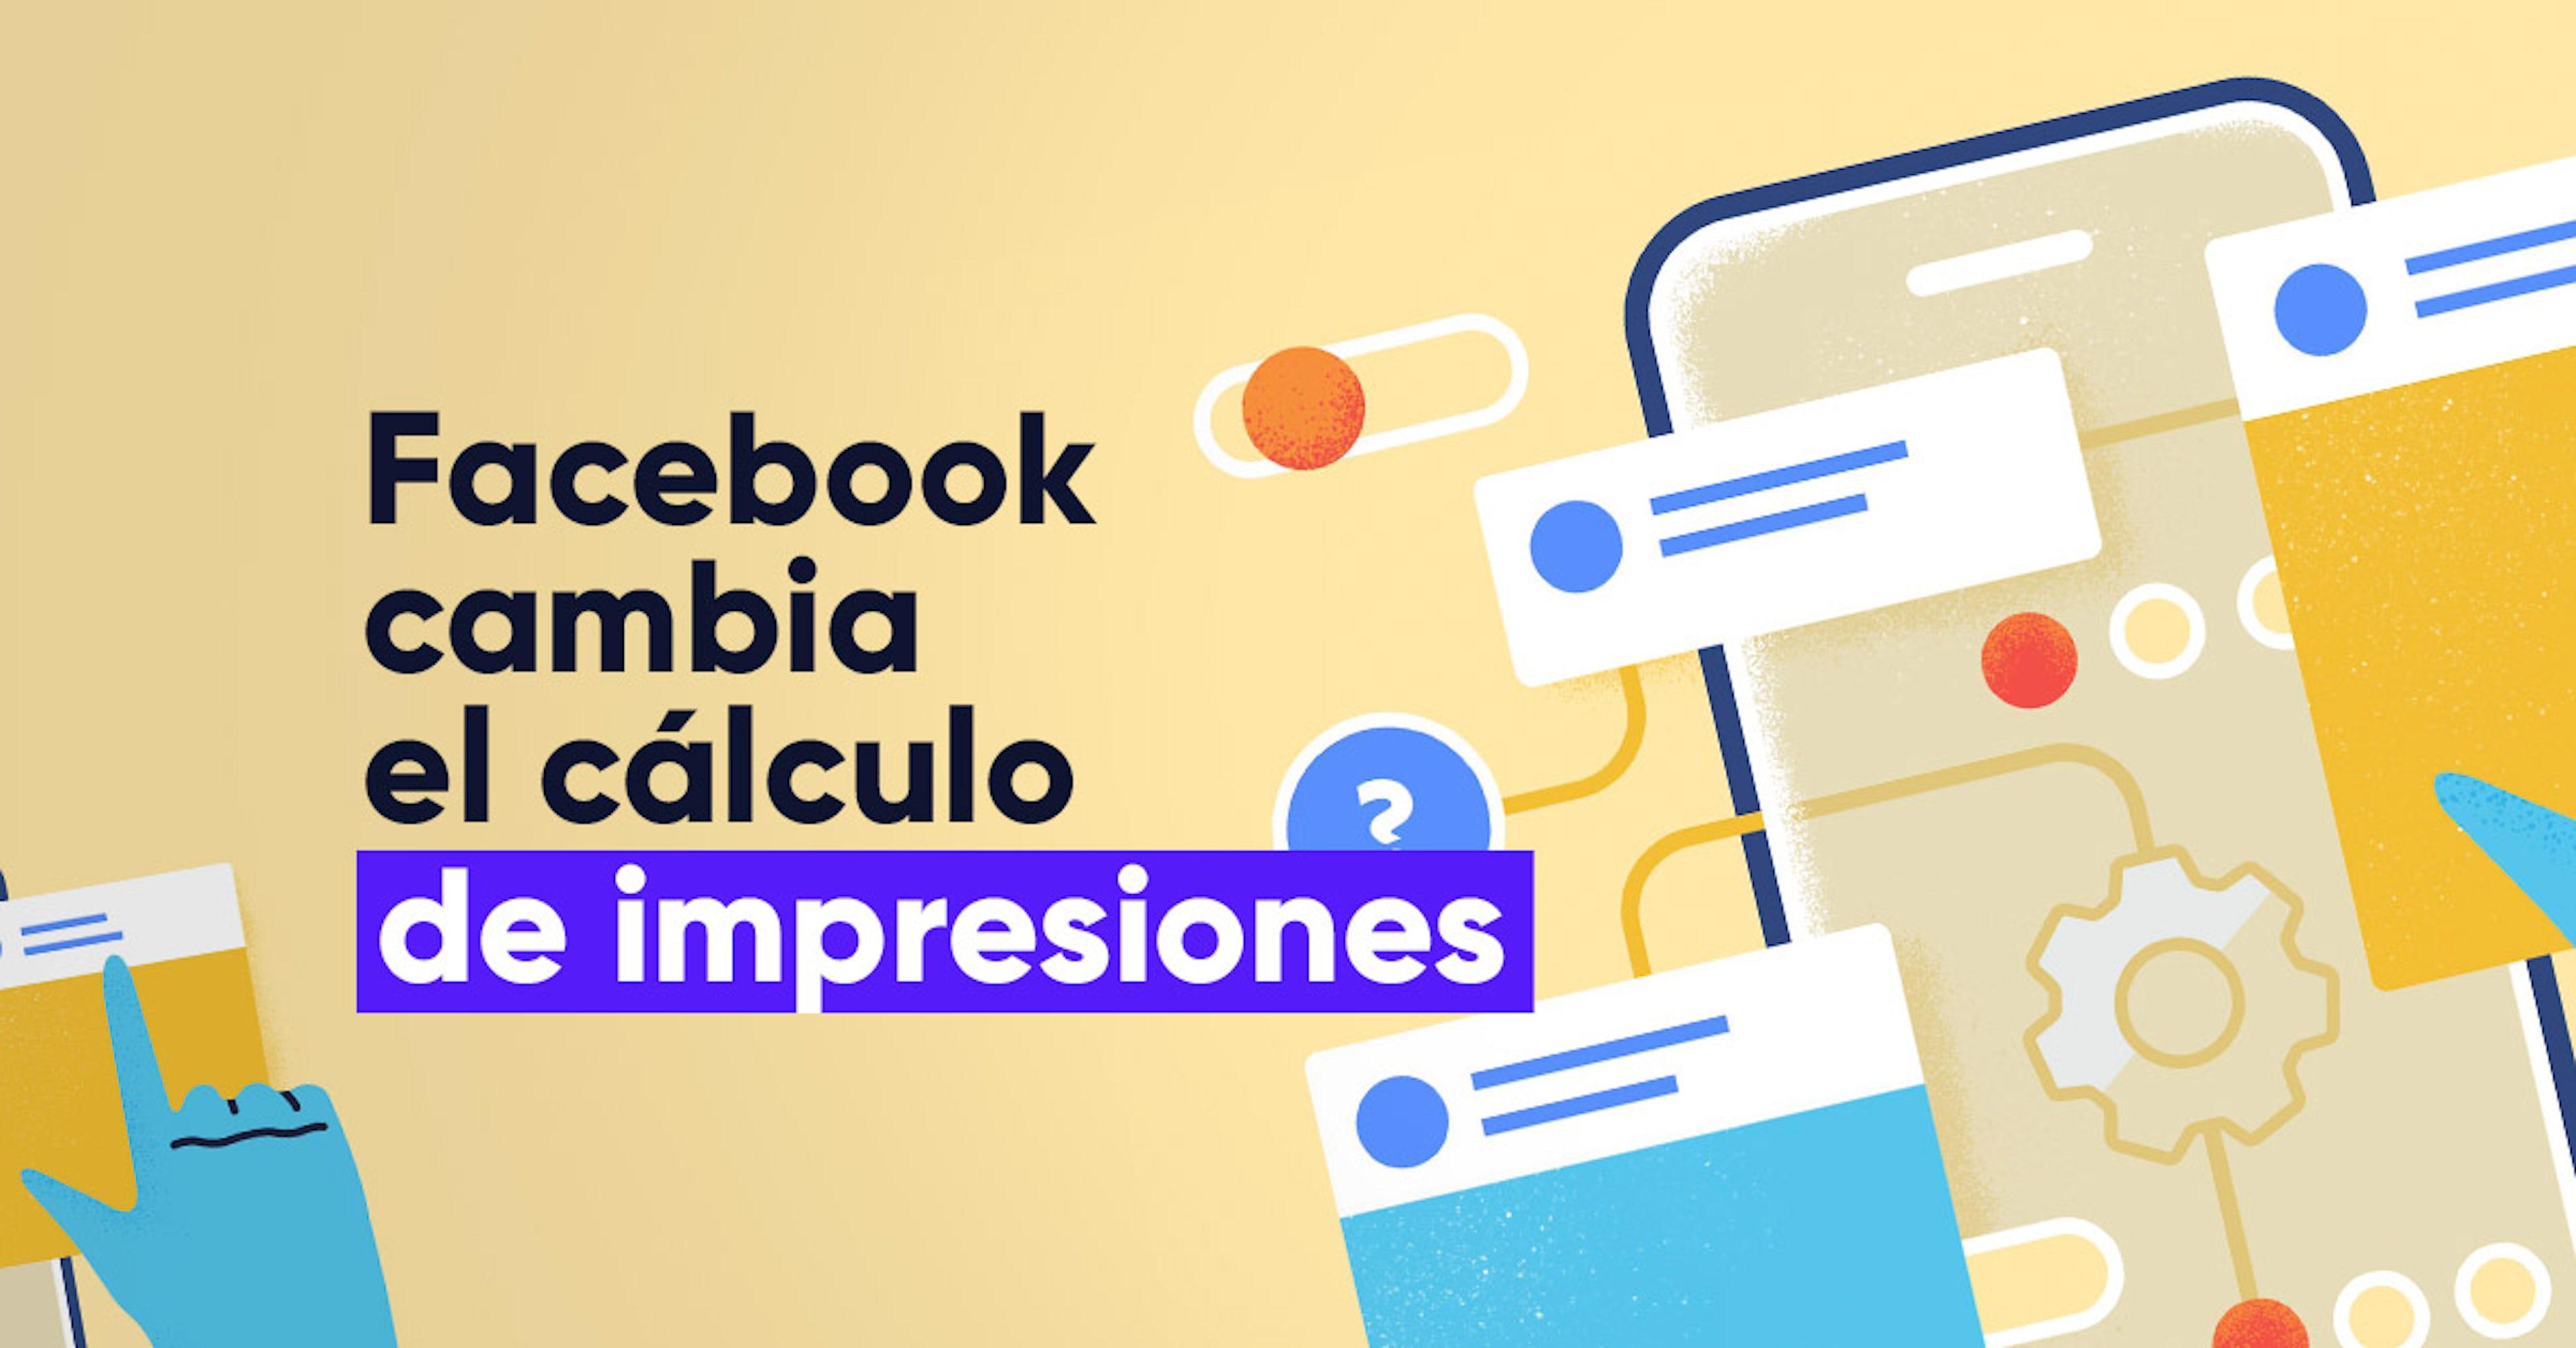 Ya hay una nueva manera de medir las impresiones en Facebook